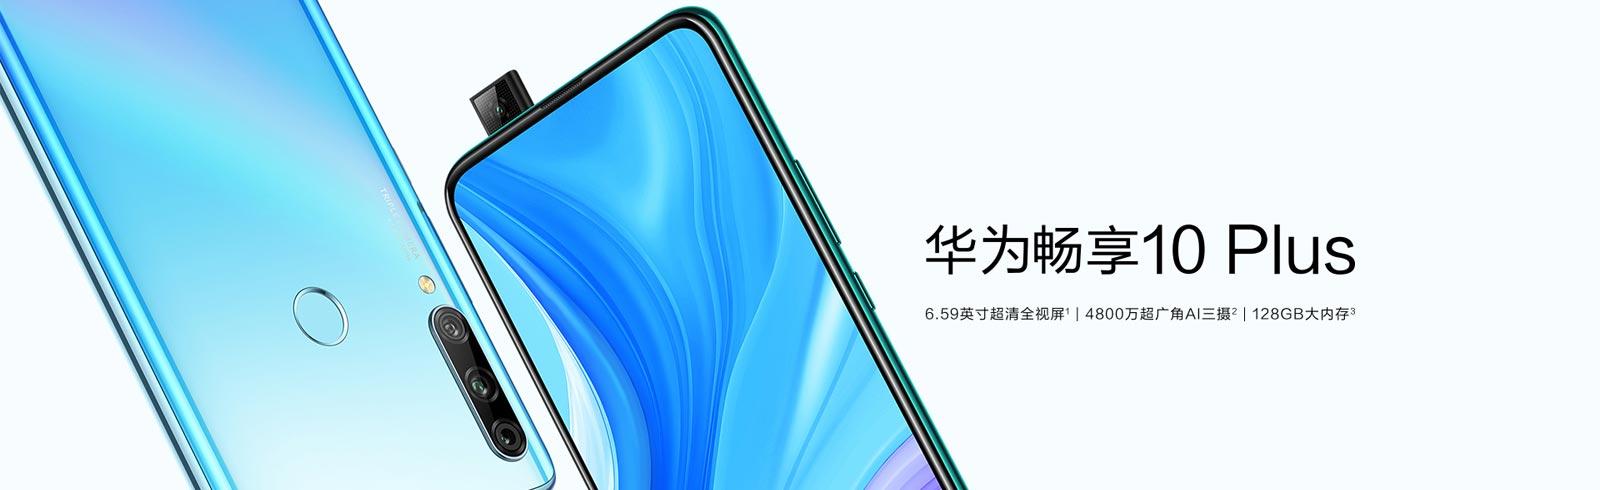 Huawei launches the Huawei Enjoy 10 Plus